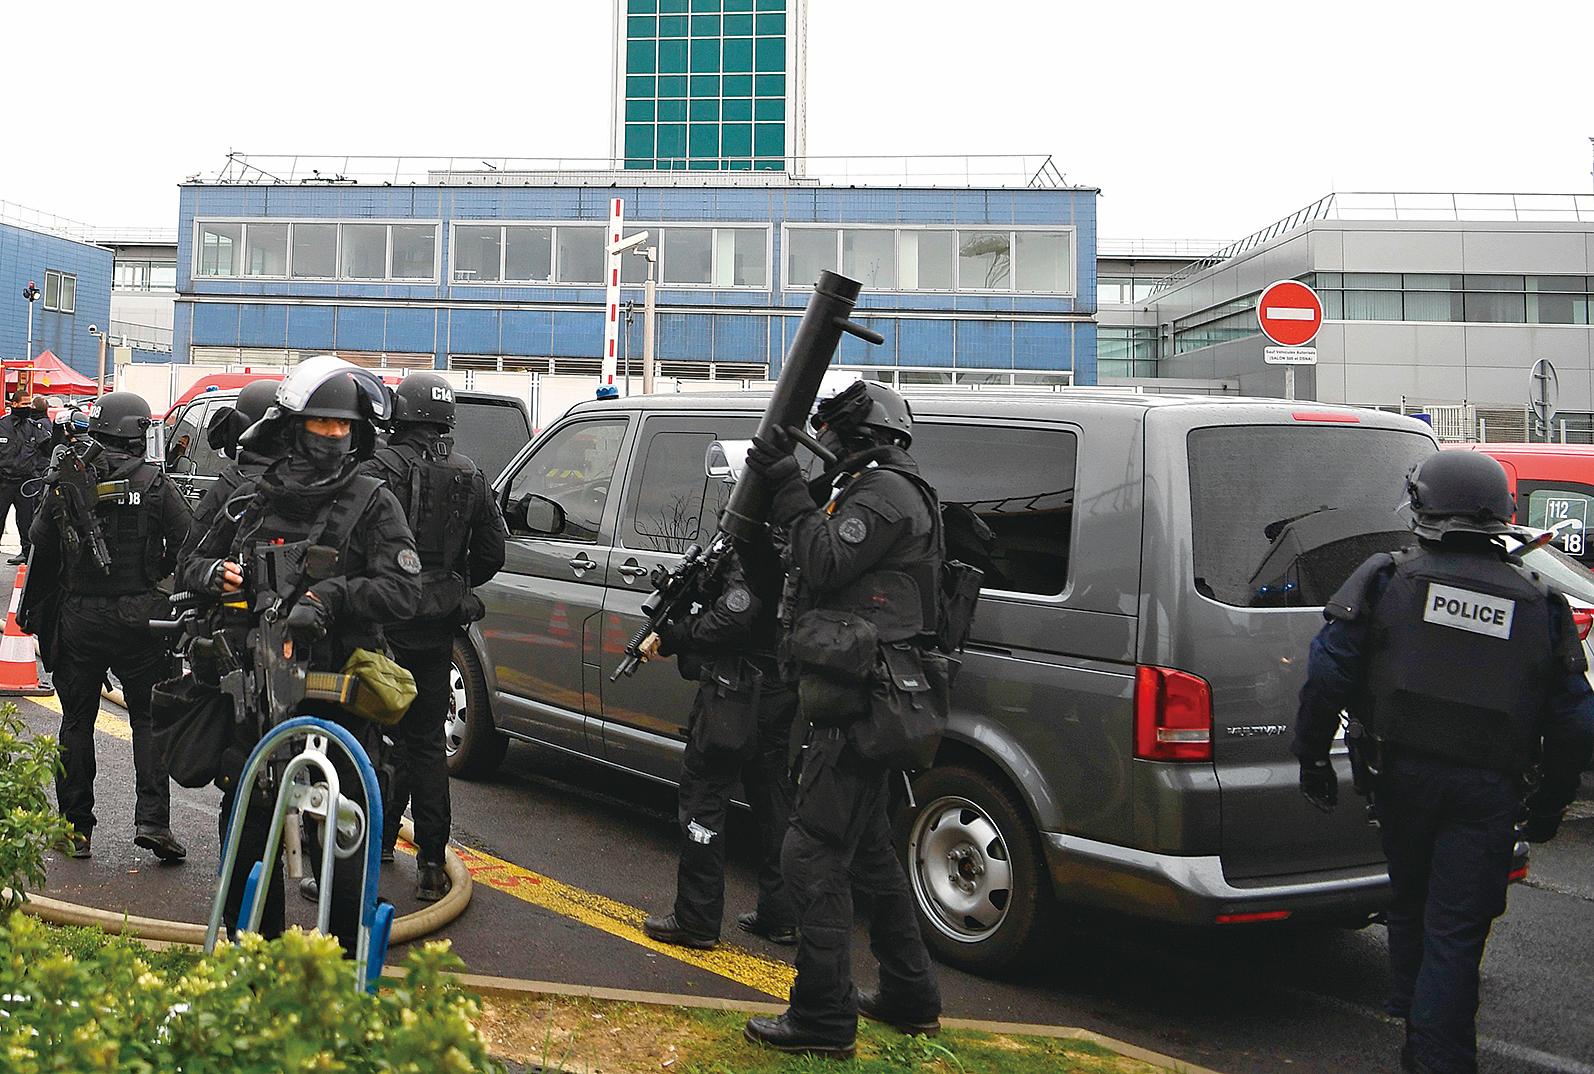 法國巴黎奧利機場(Orly Airport)大約當地時間3月18日上午8時30分,一名嫌疑人搶奪巡邏士兵的武器,在機場商店尋找掩蔽時,被保安人員擊斃。(AFP)